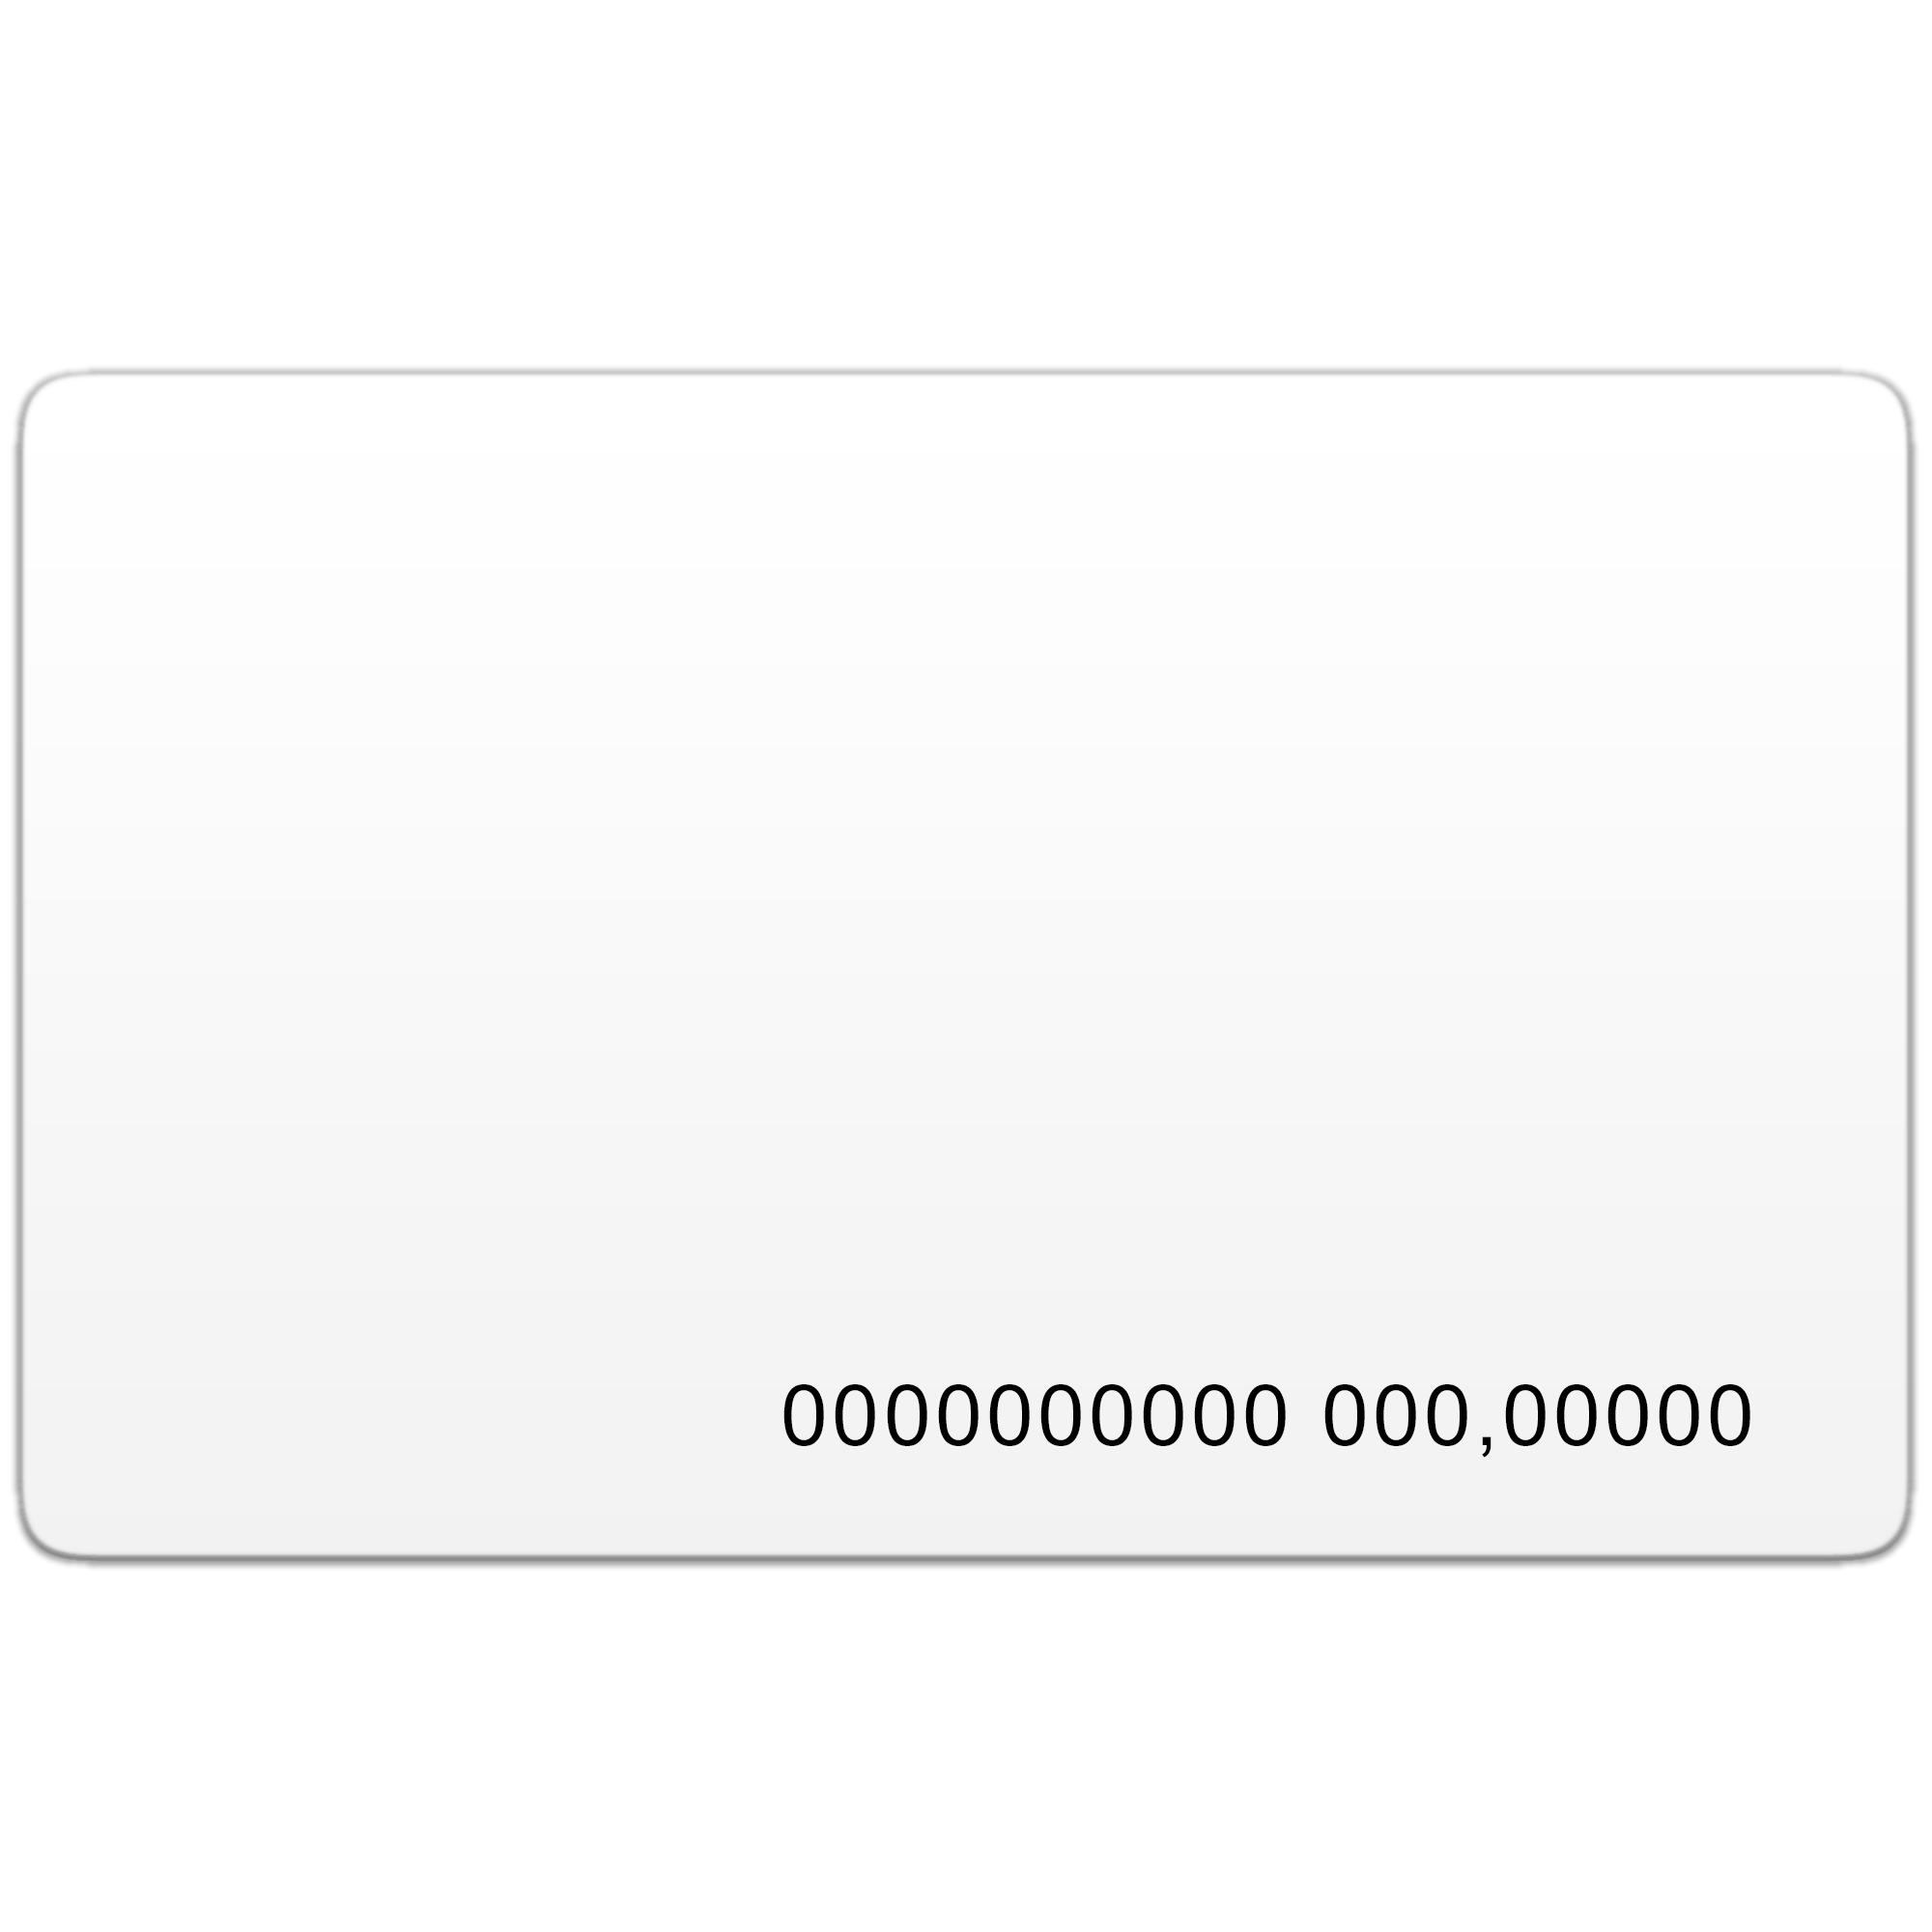 Mifare 4K бесконтактная пластиковая RFID-карта с чипом S70 с номером